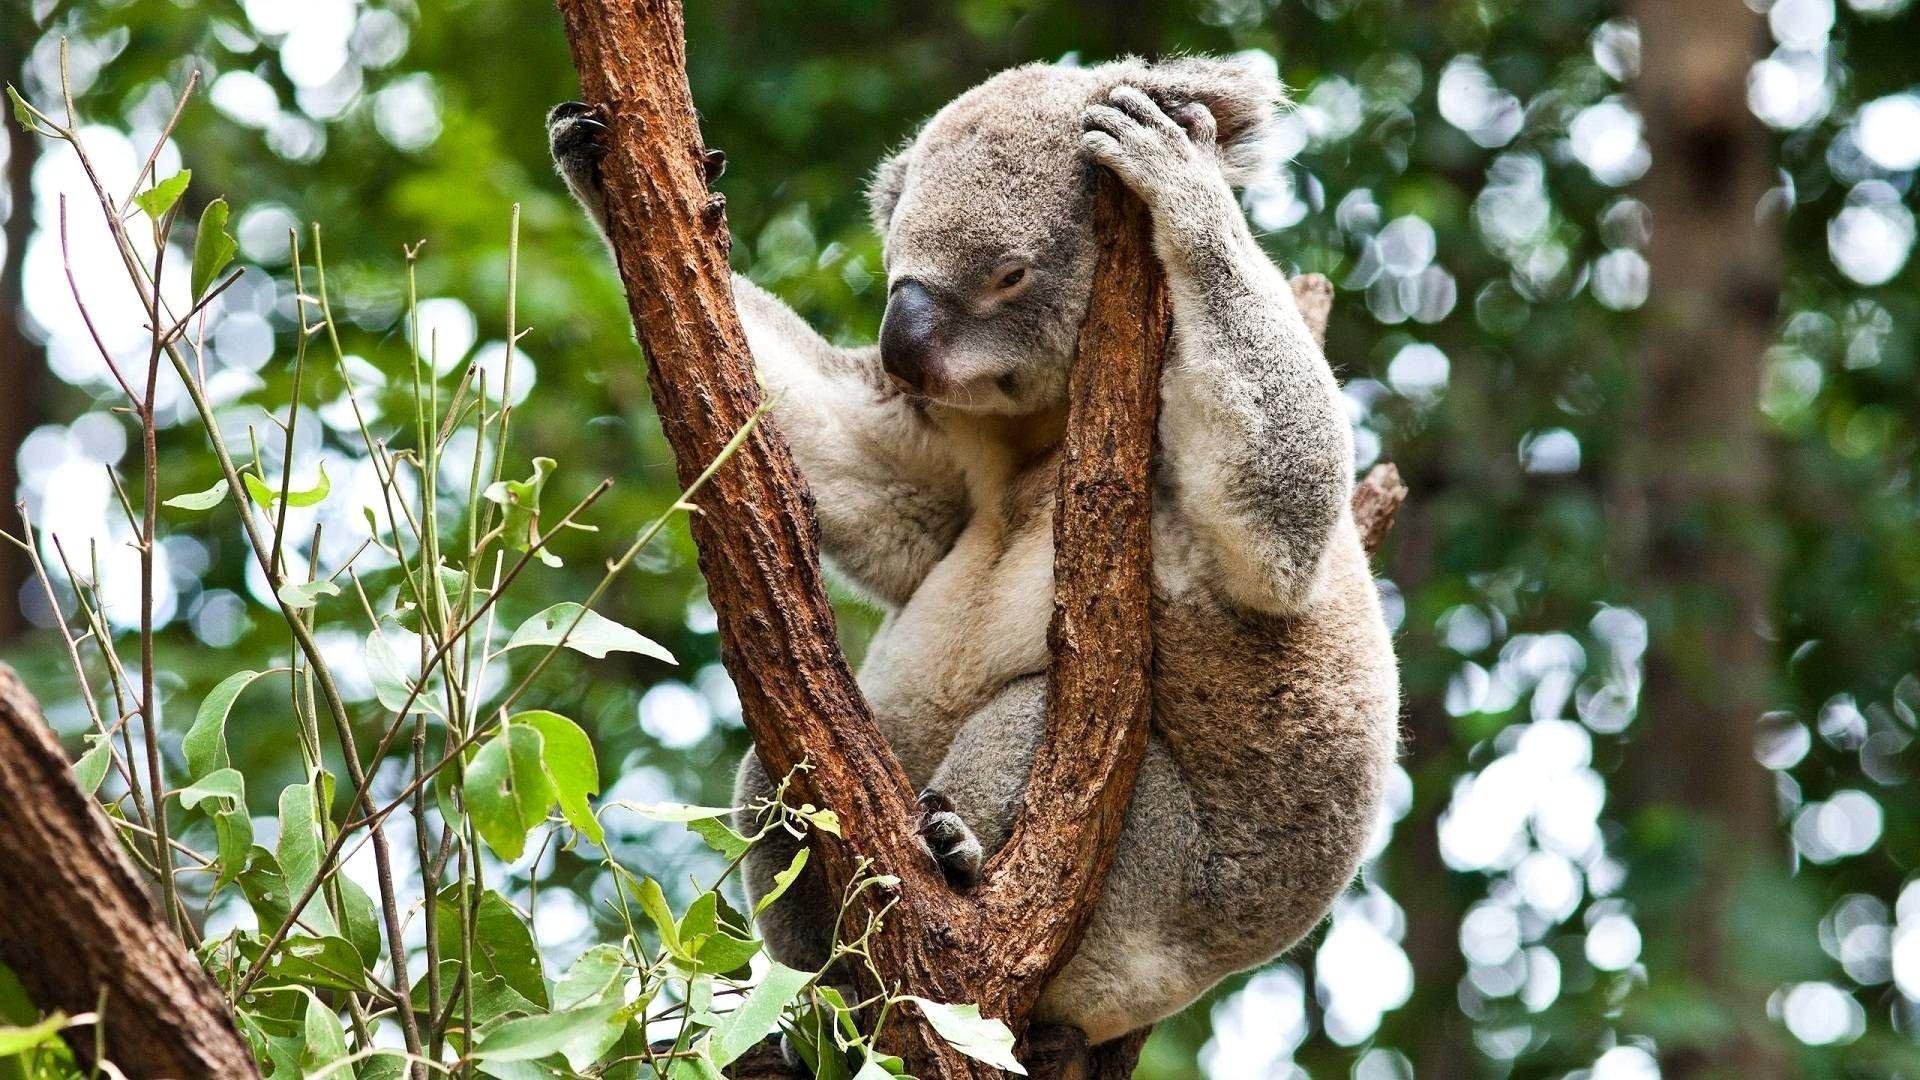 Free Download Koala Wallpaper Id74271 Full Hd 1080p For Desktop